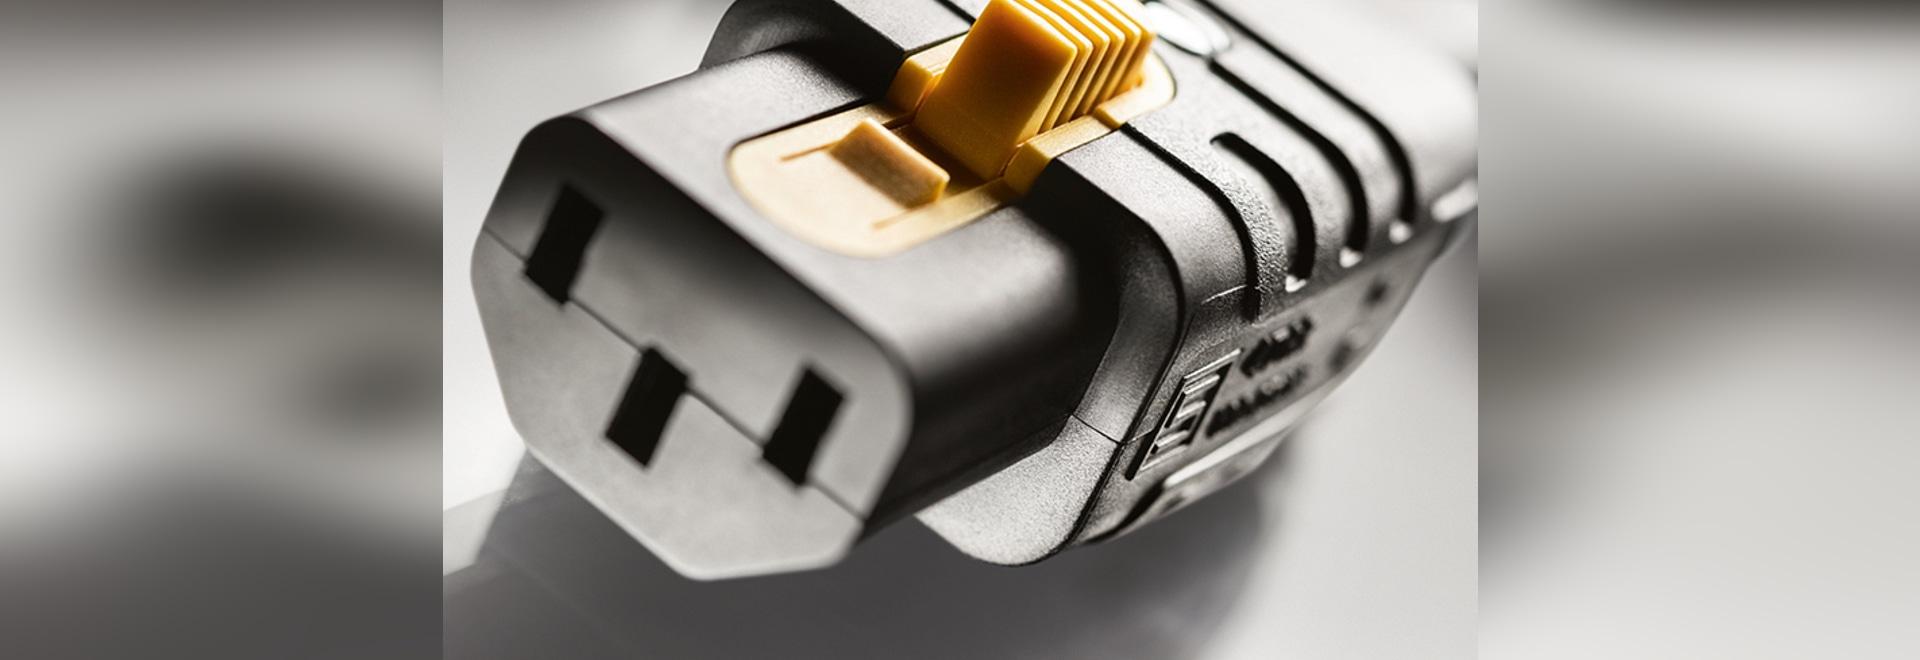 Première entrée d'appareil CEI re-câblée avec V-Lock